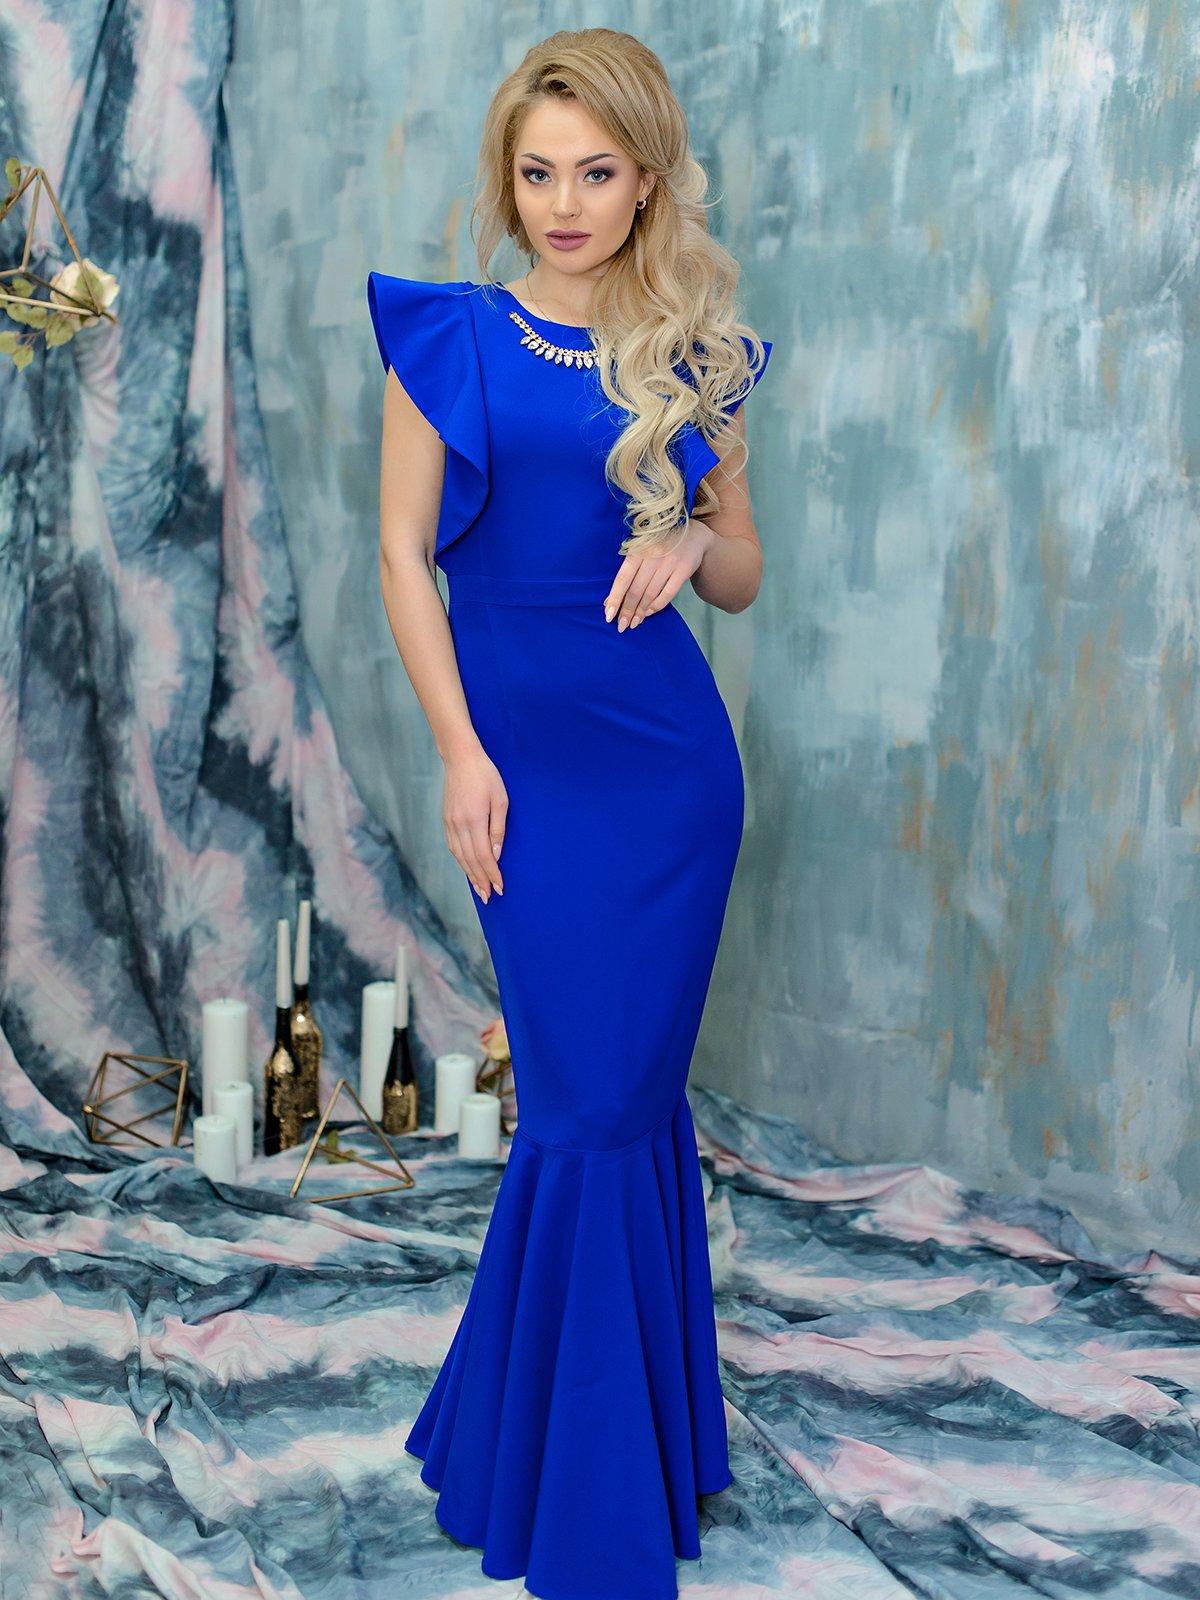 что случае жемчуг с синим платьем фото попытка поступления театральные